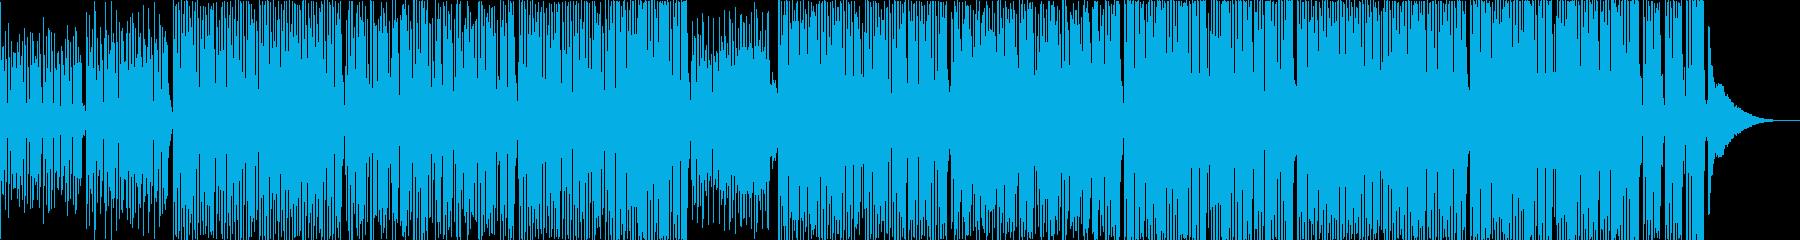 TikTokに元気で可愛い口笛トイピアノの再生済みの波形